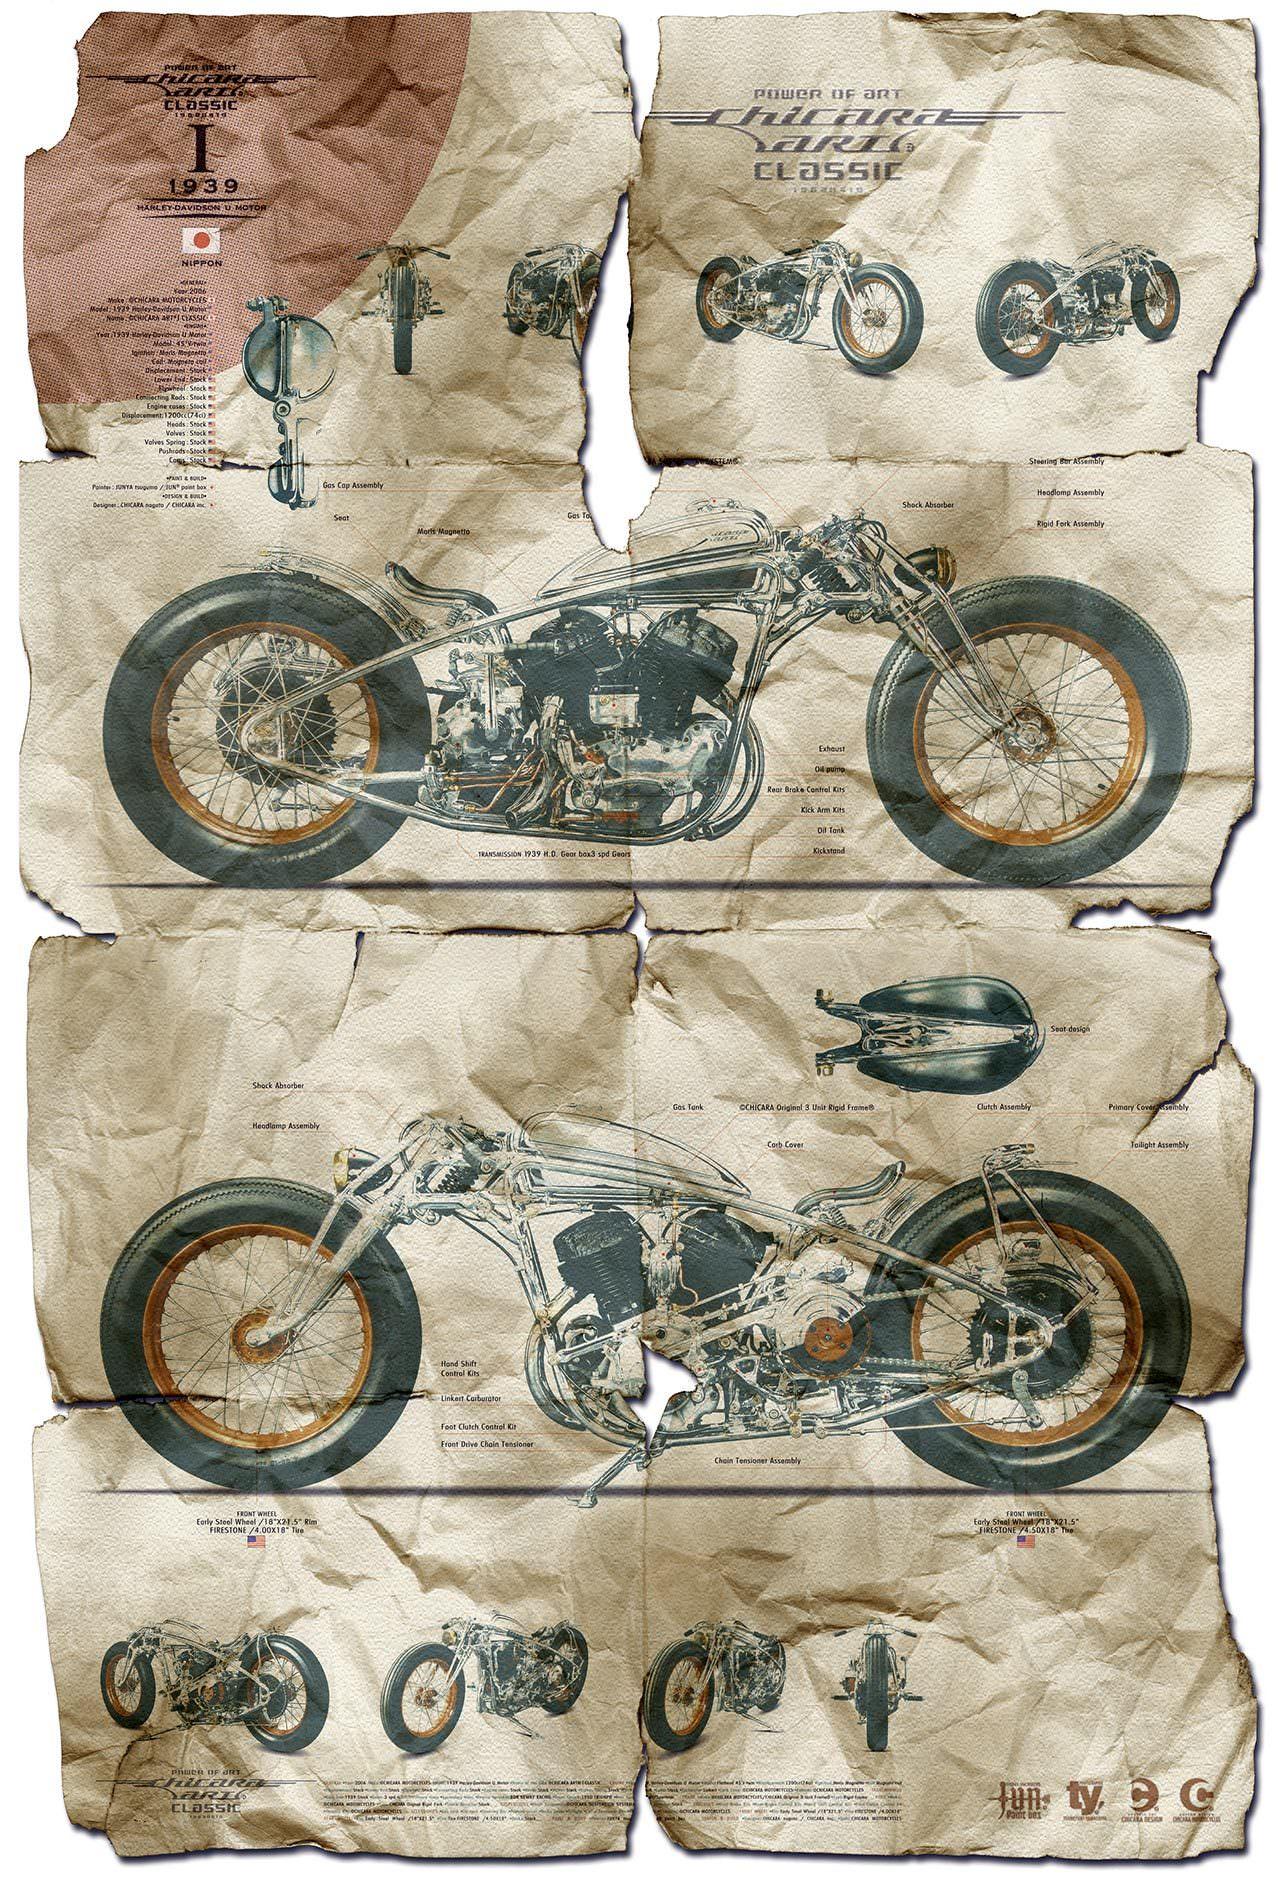 Chicara Nagata Poster The Motorcycles of Chicara Nagata